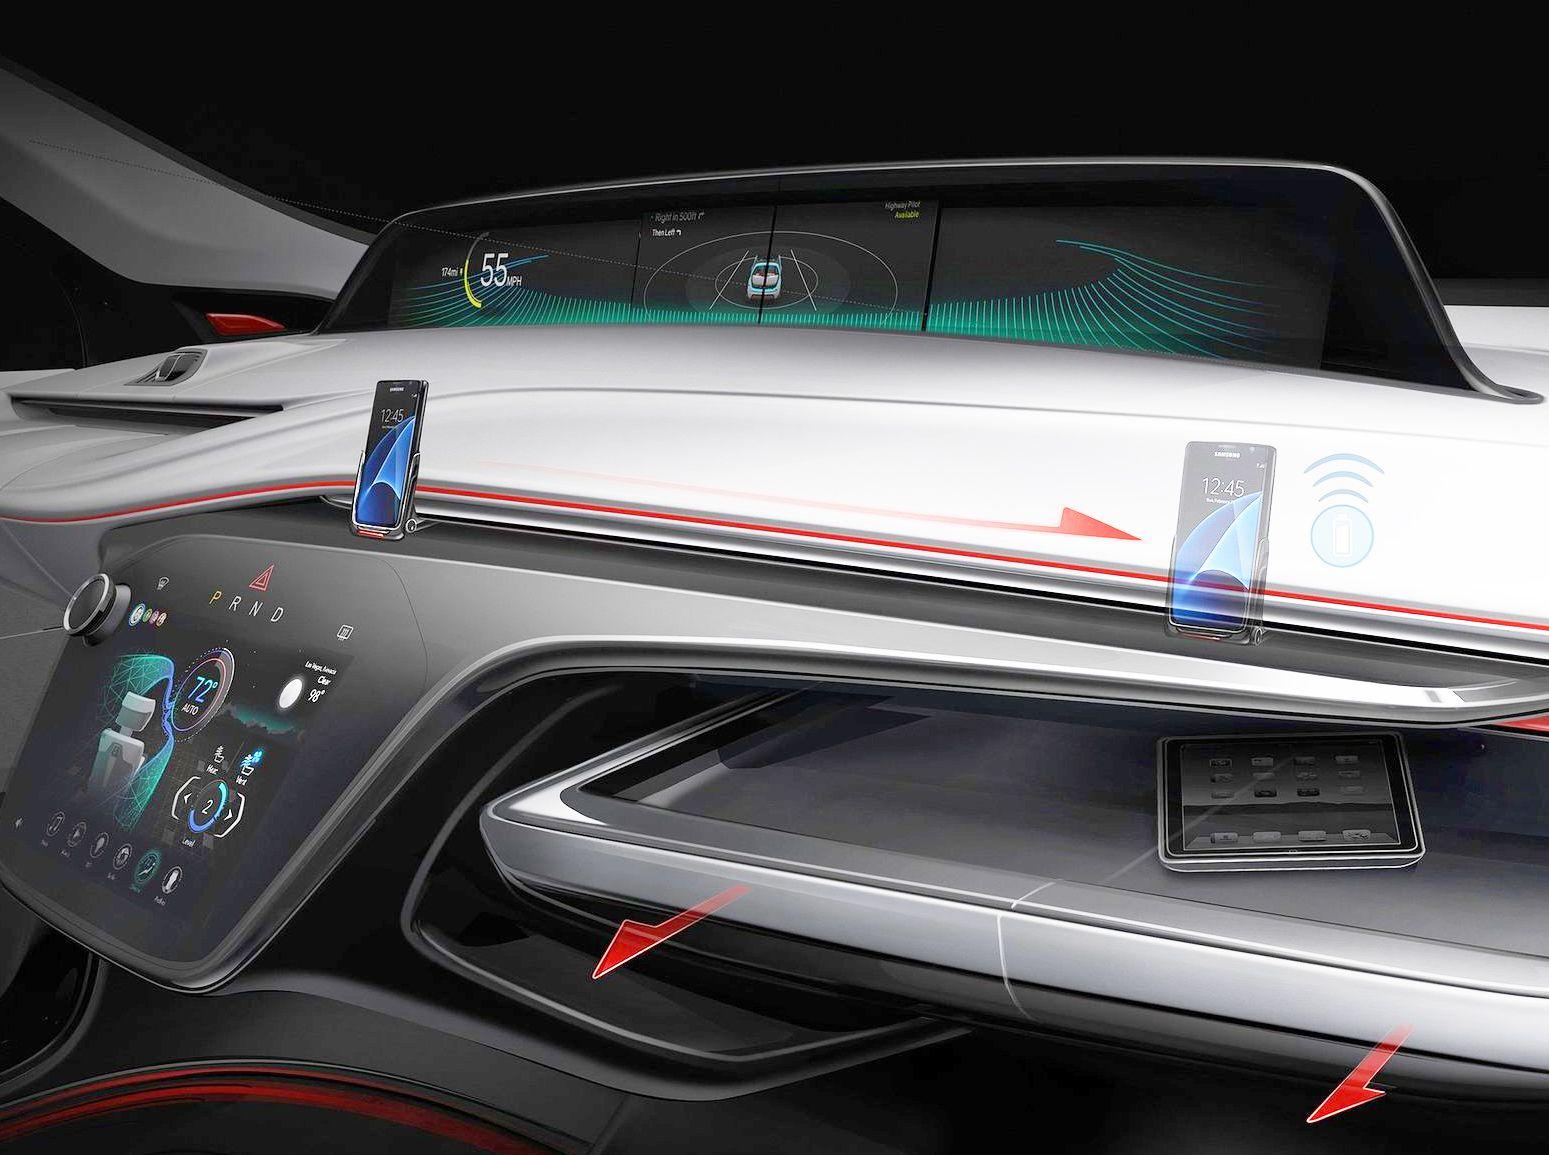 5f16c2ad0960f3a62a5d3f4d6c17ace6 Jpg 1549 1155 カースケ 車 内装 デザイン